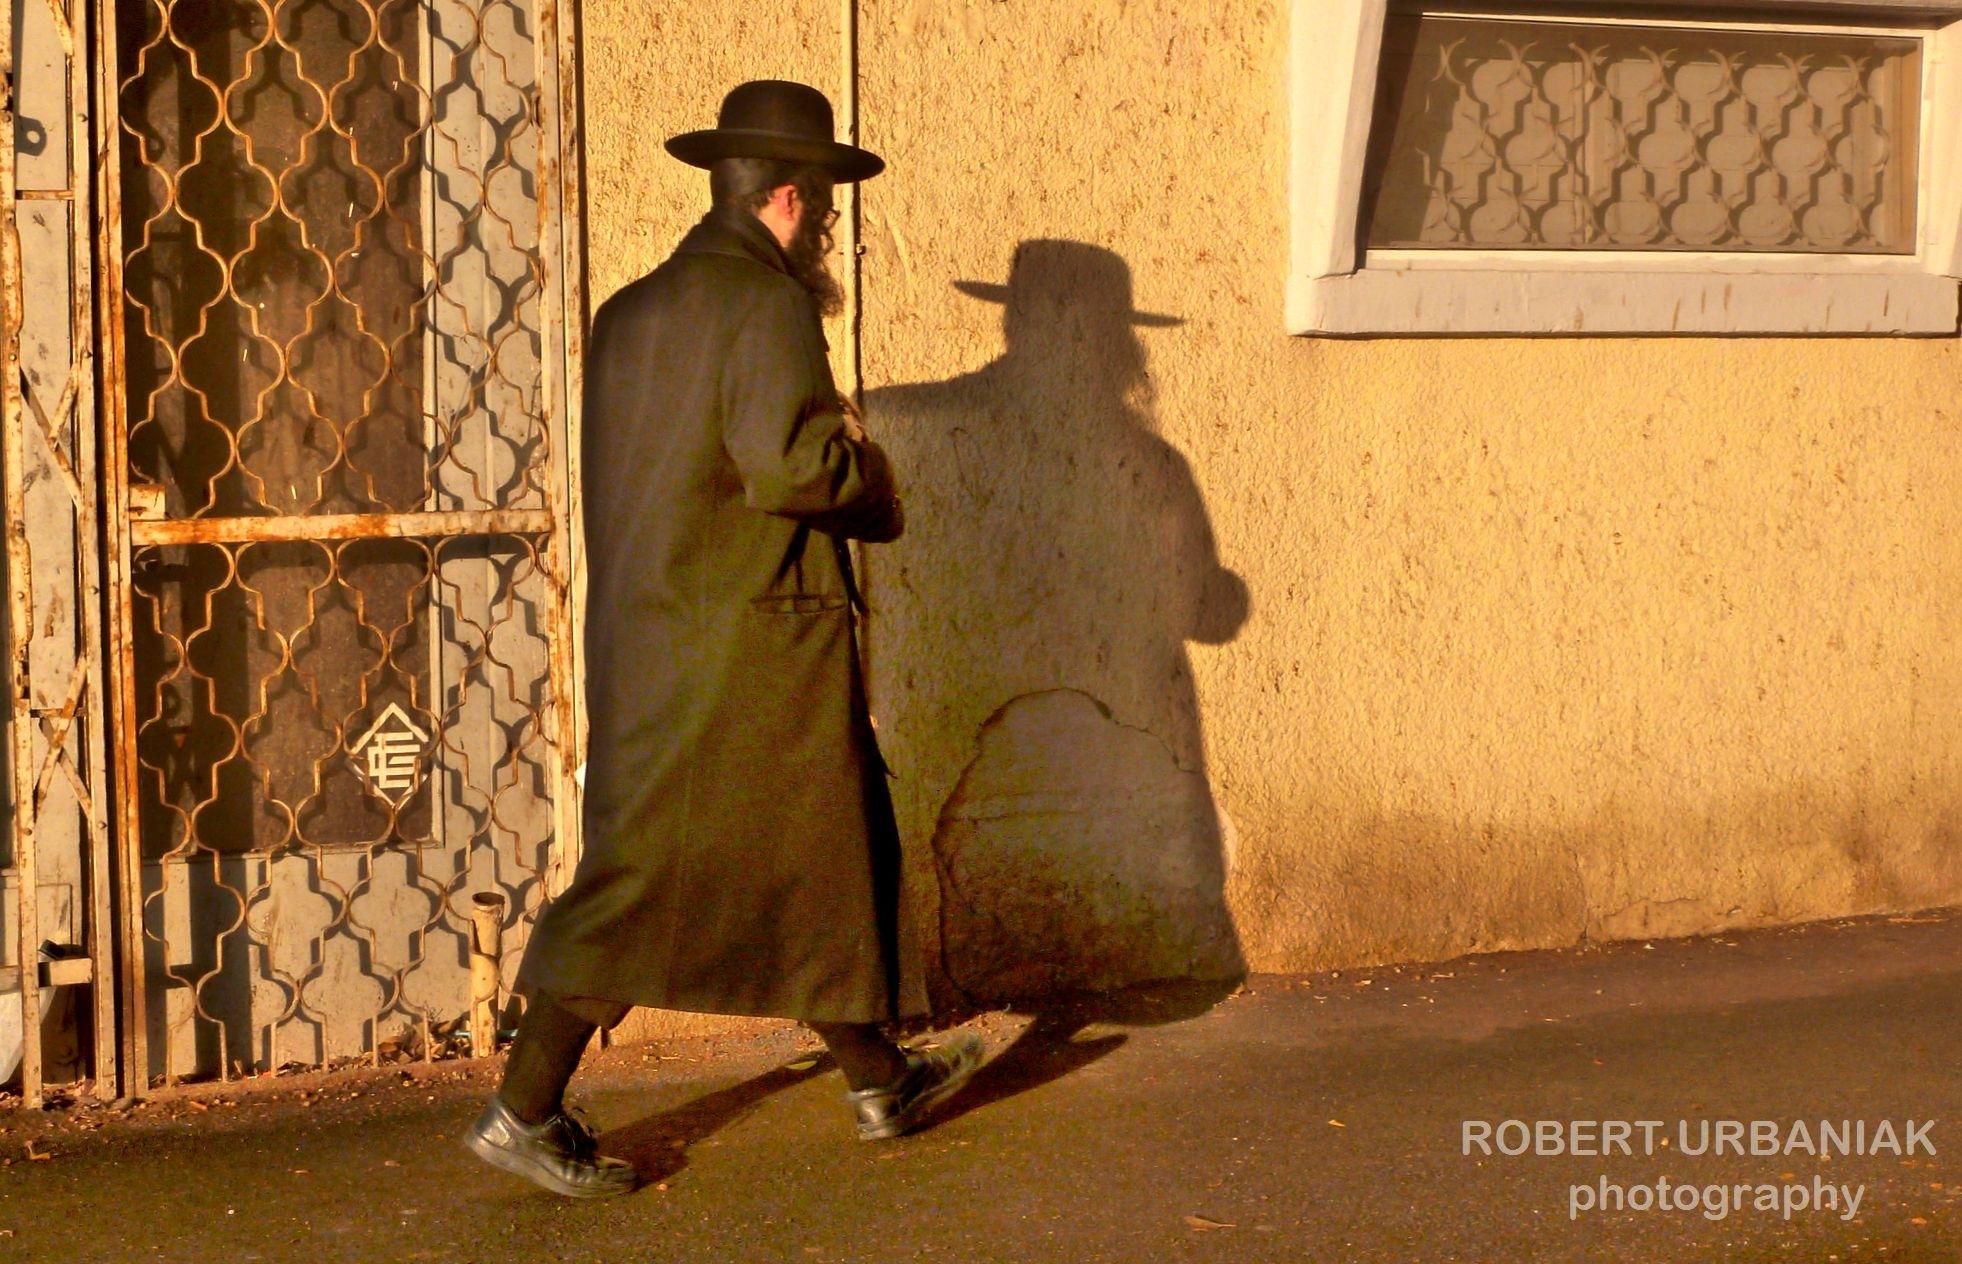 with shadow by Robert Urbaniak